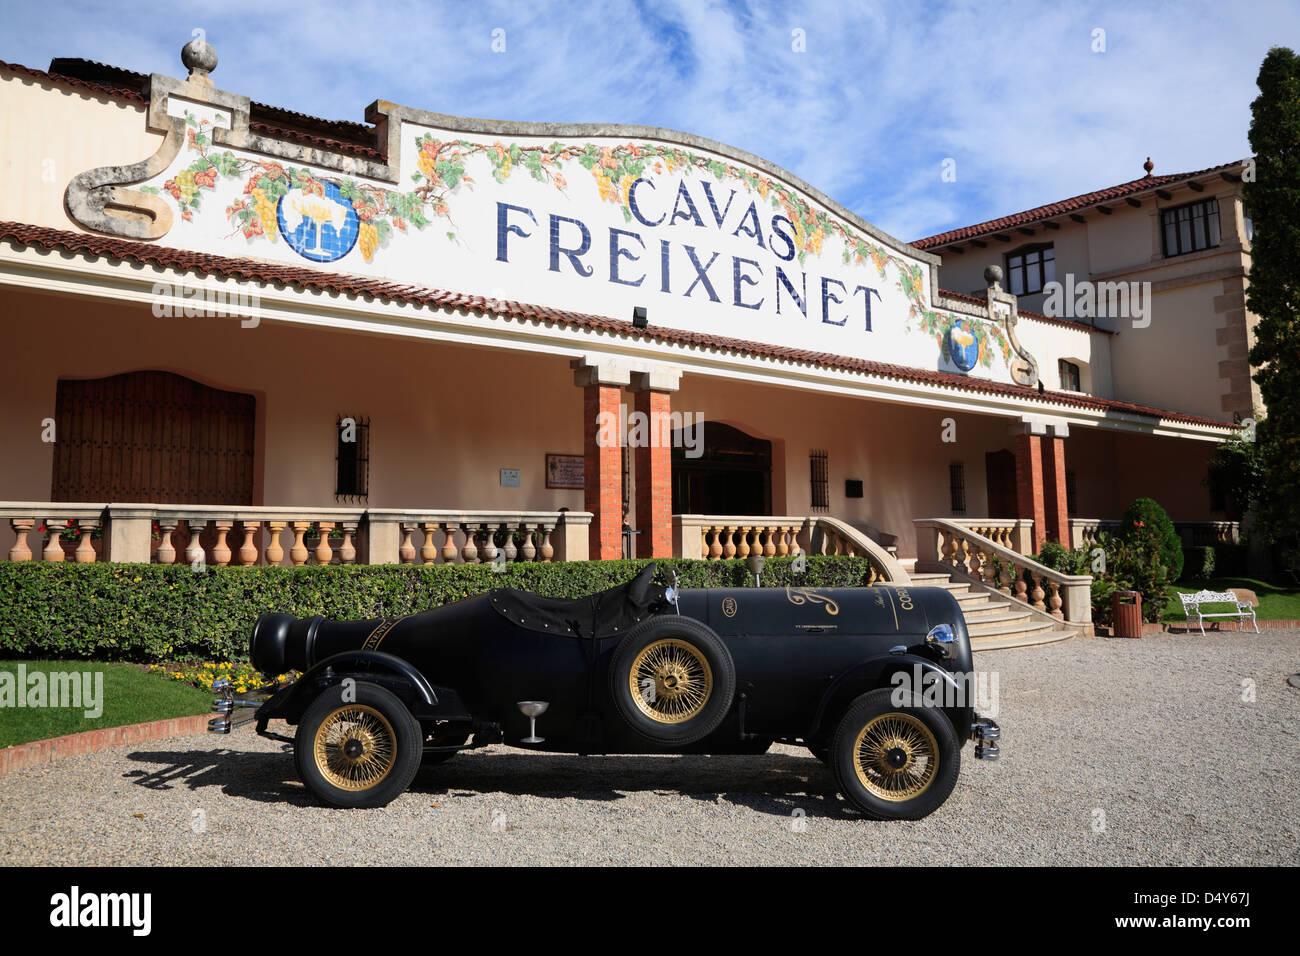 Freixenet Cava Produzent Sant Sadurni de Anoia Penedès Region in der Nähe von Barcelona, Spanien Stockbild